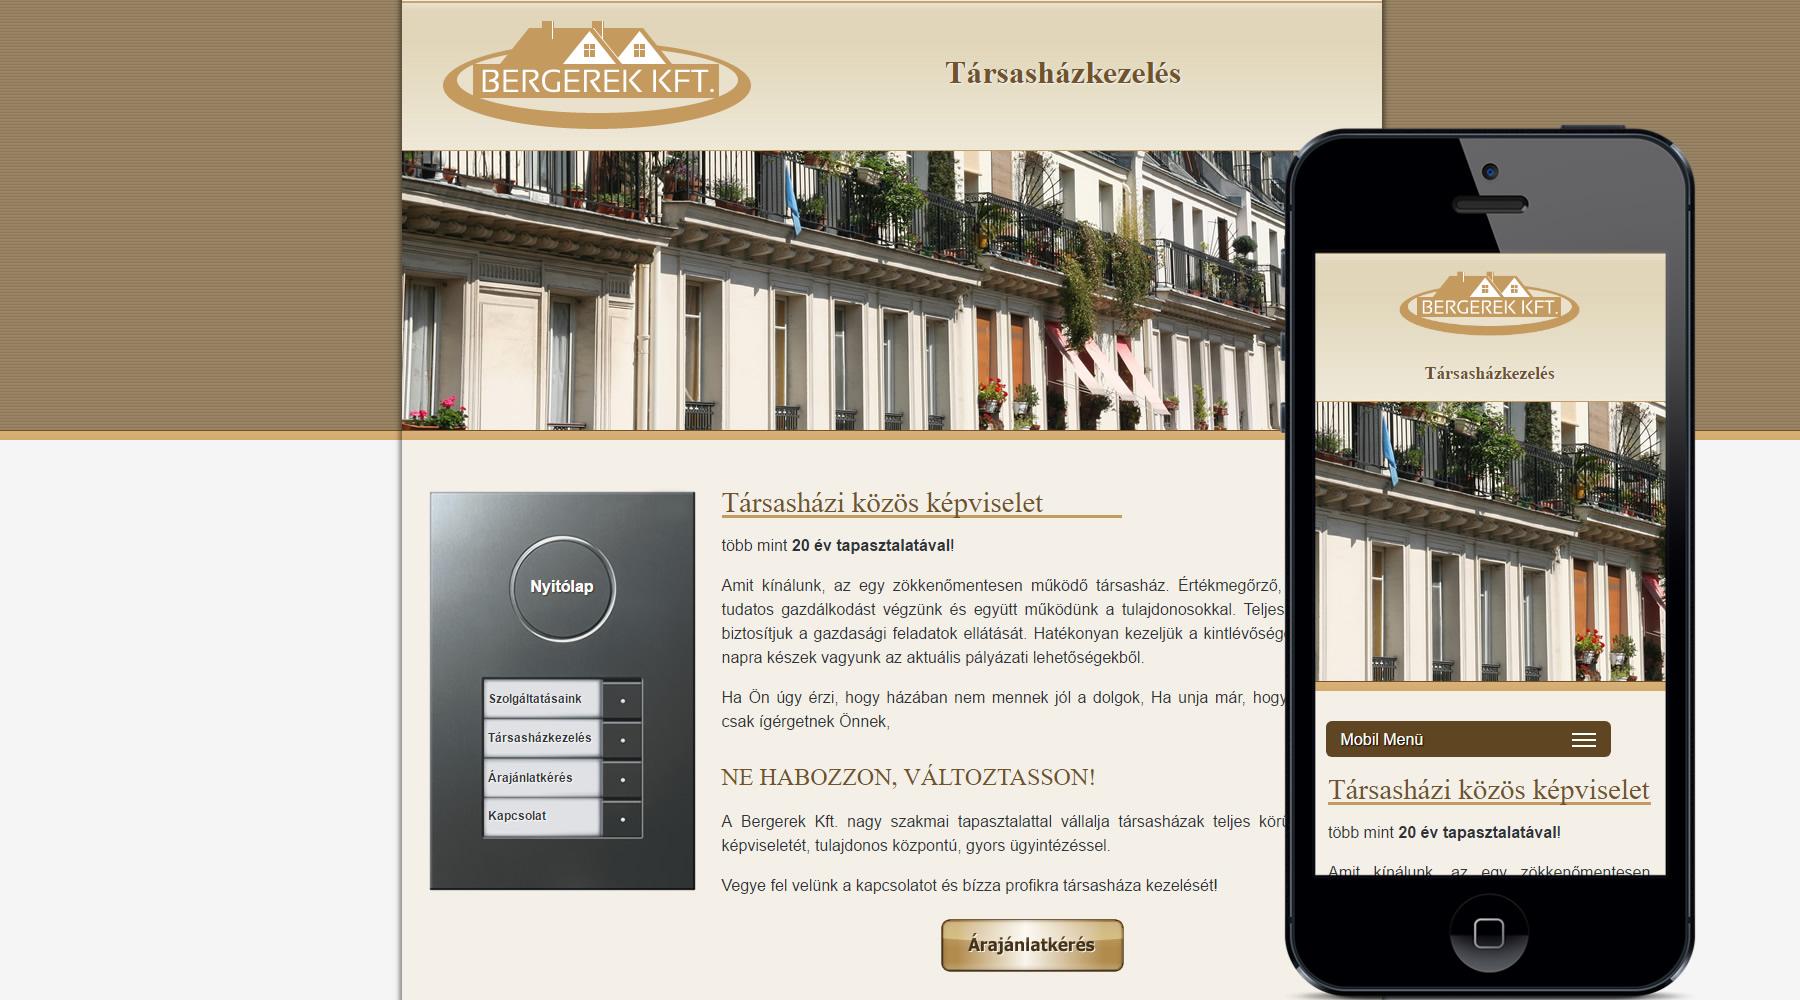 Bergerek kft mobilbarát weboldal